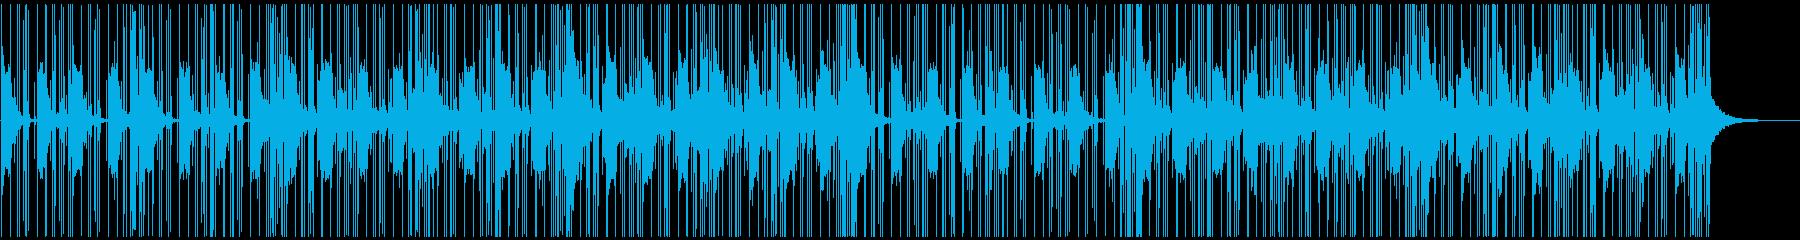 近未来・神秘的 ヒップホップの再生済みの波形